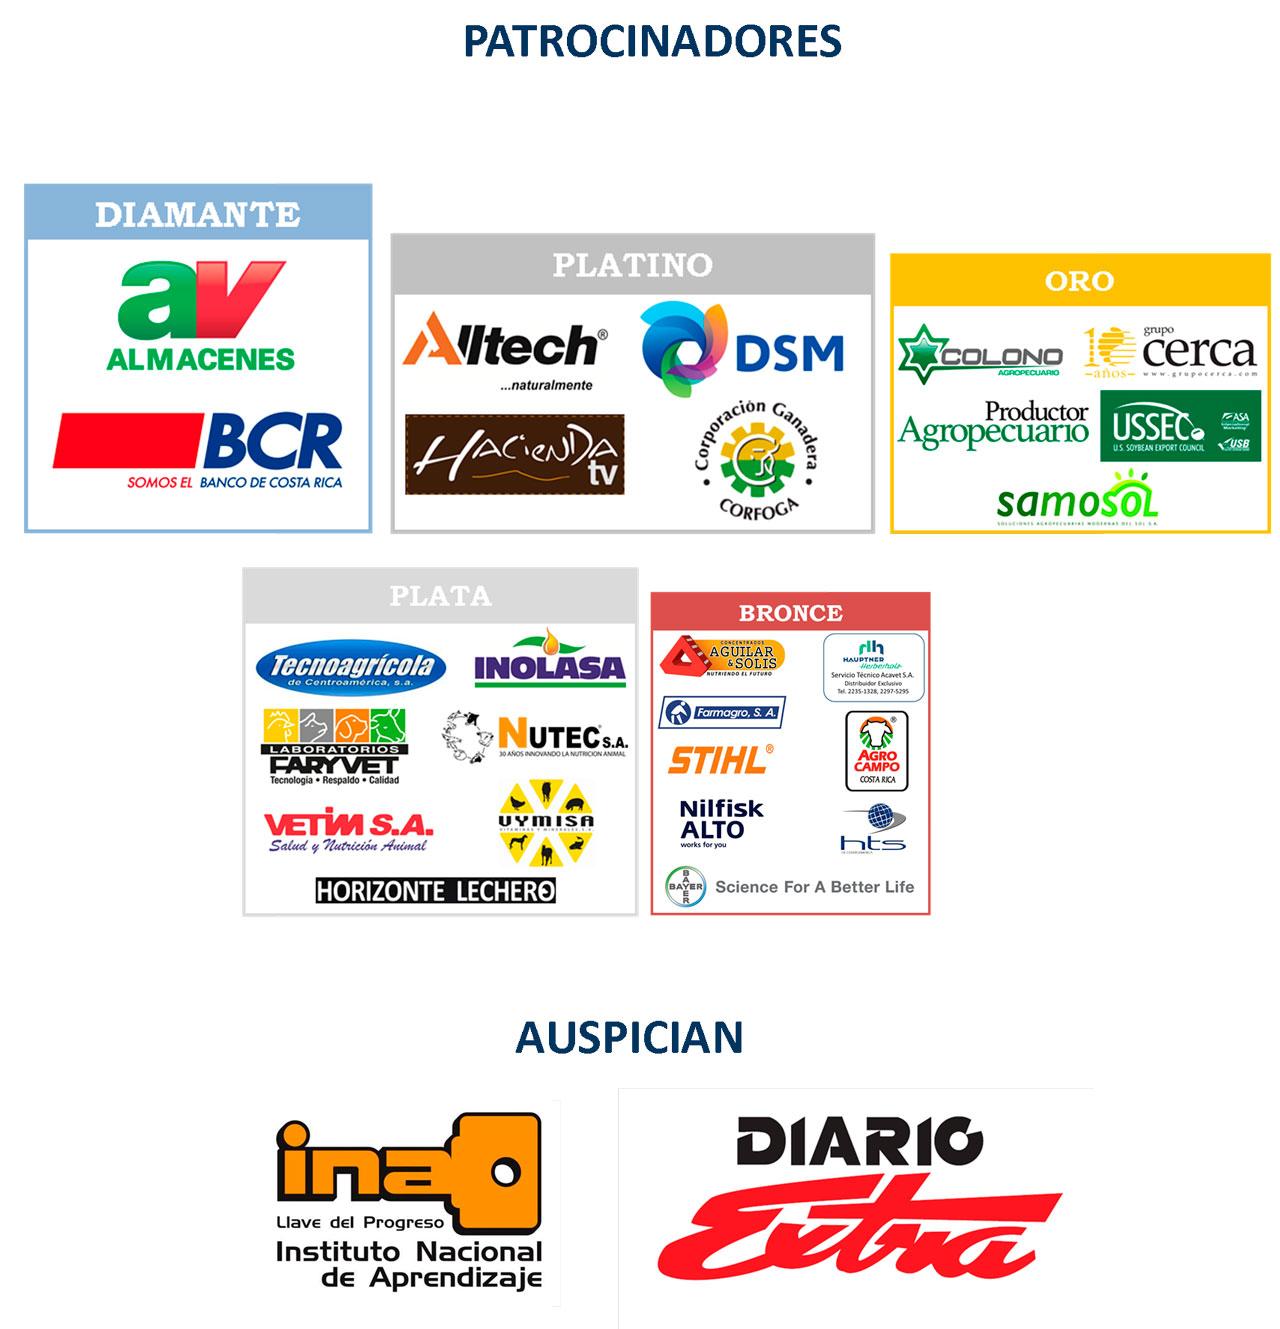 Proleche-img-Congreso-2014-patrocina-1280x1329